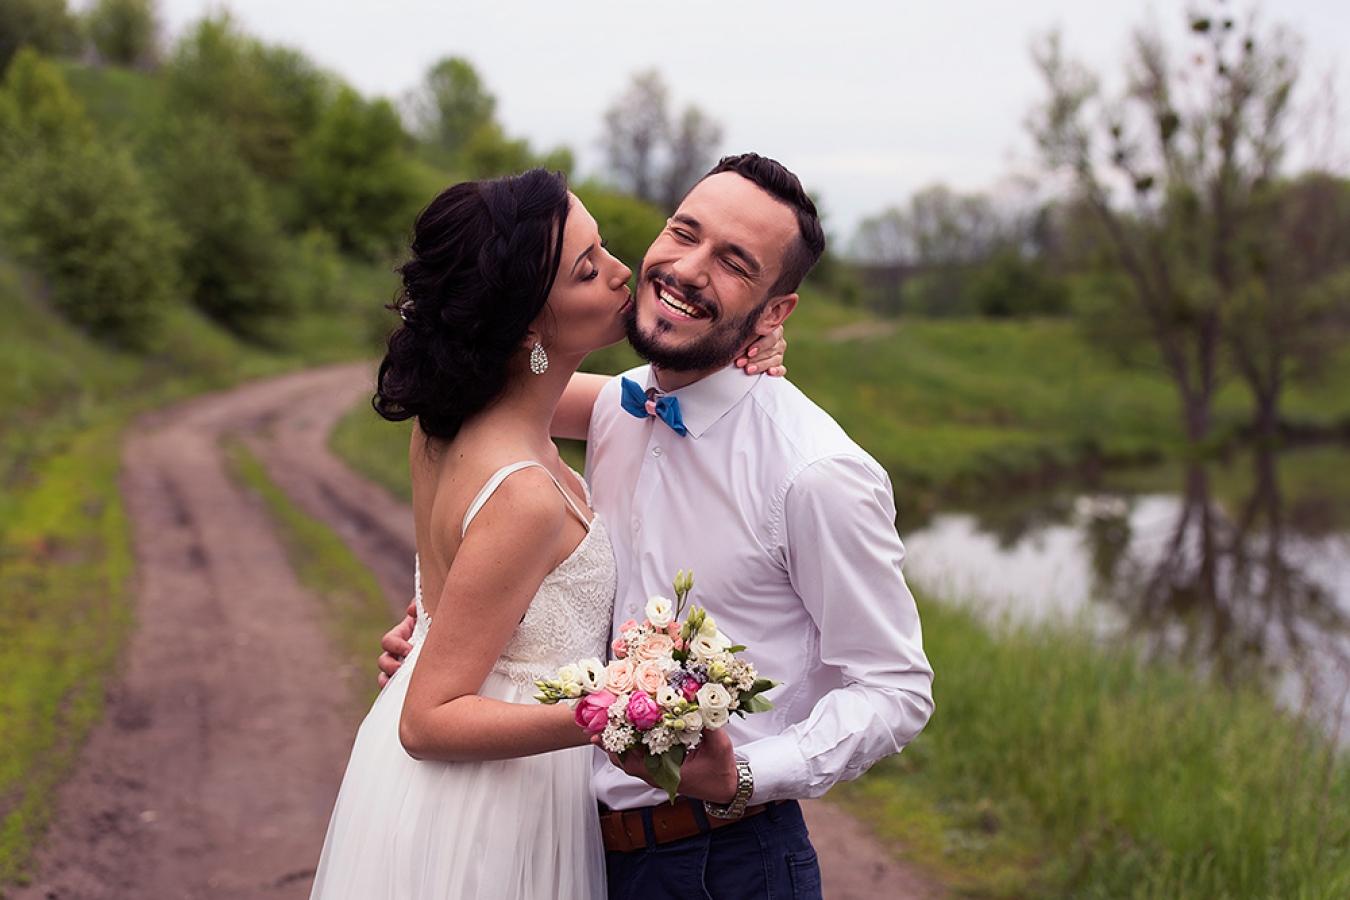 Ślubna sesja plenerowa cudownej pary Julii i Maksyma